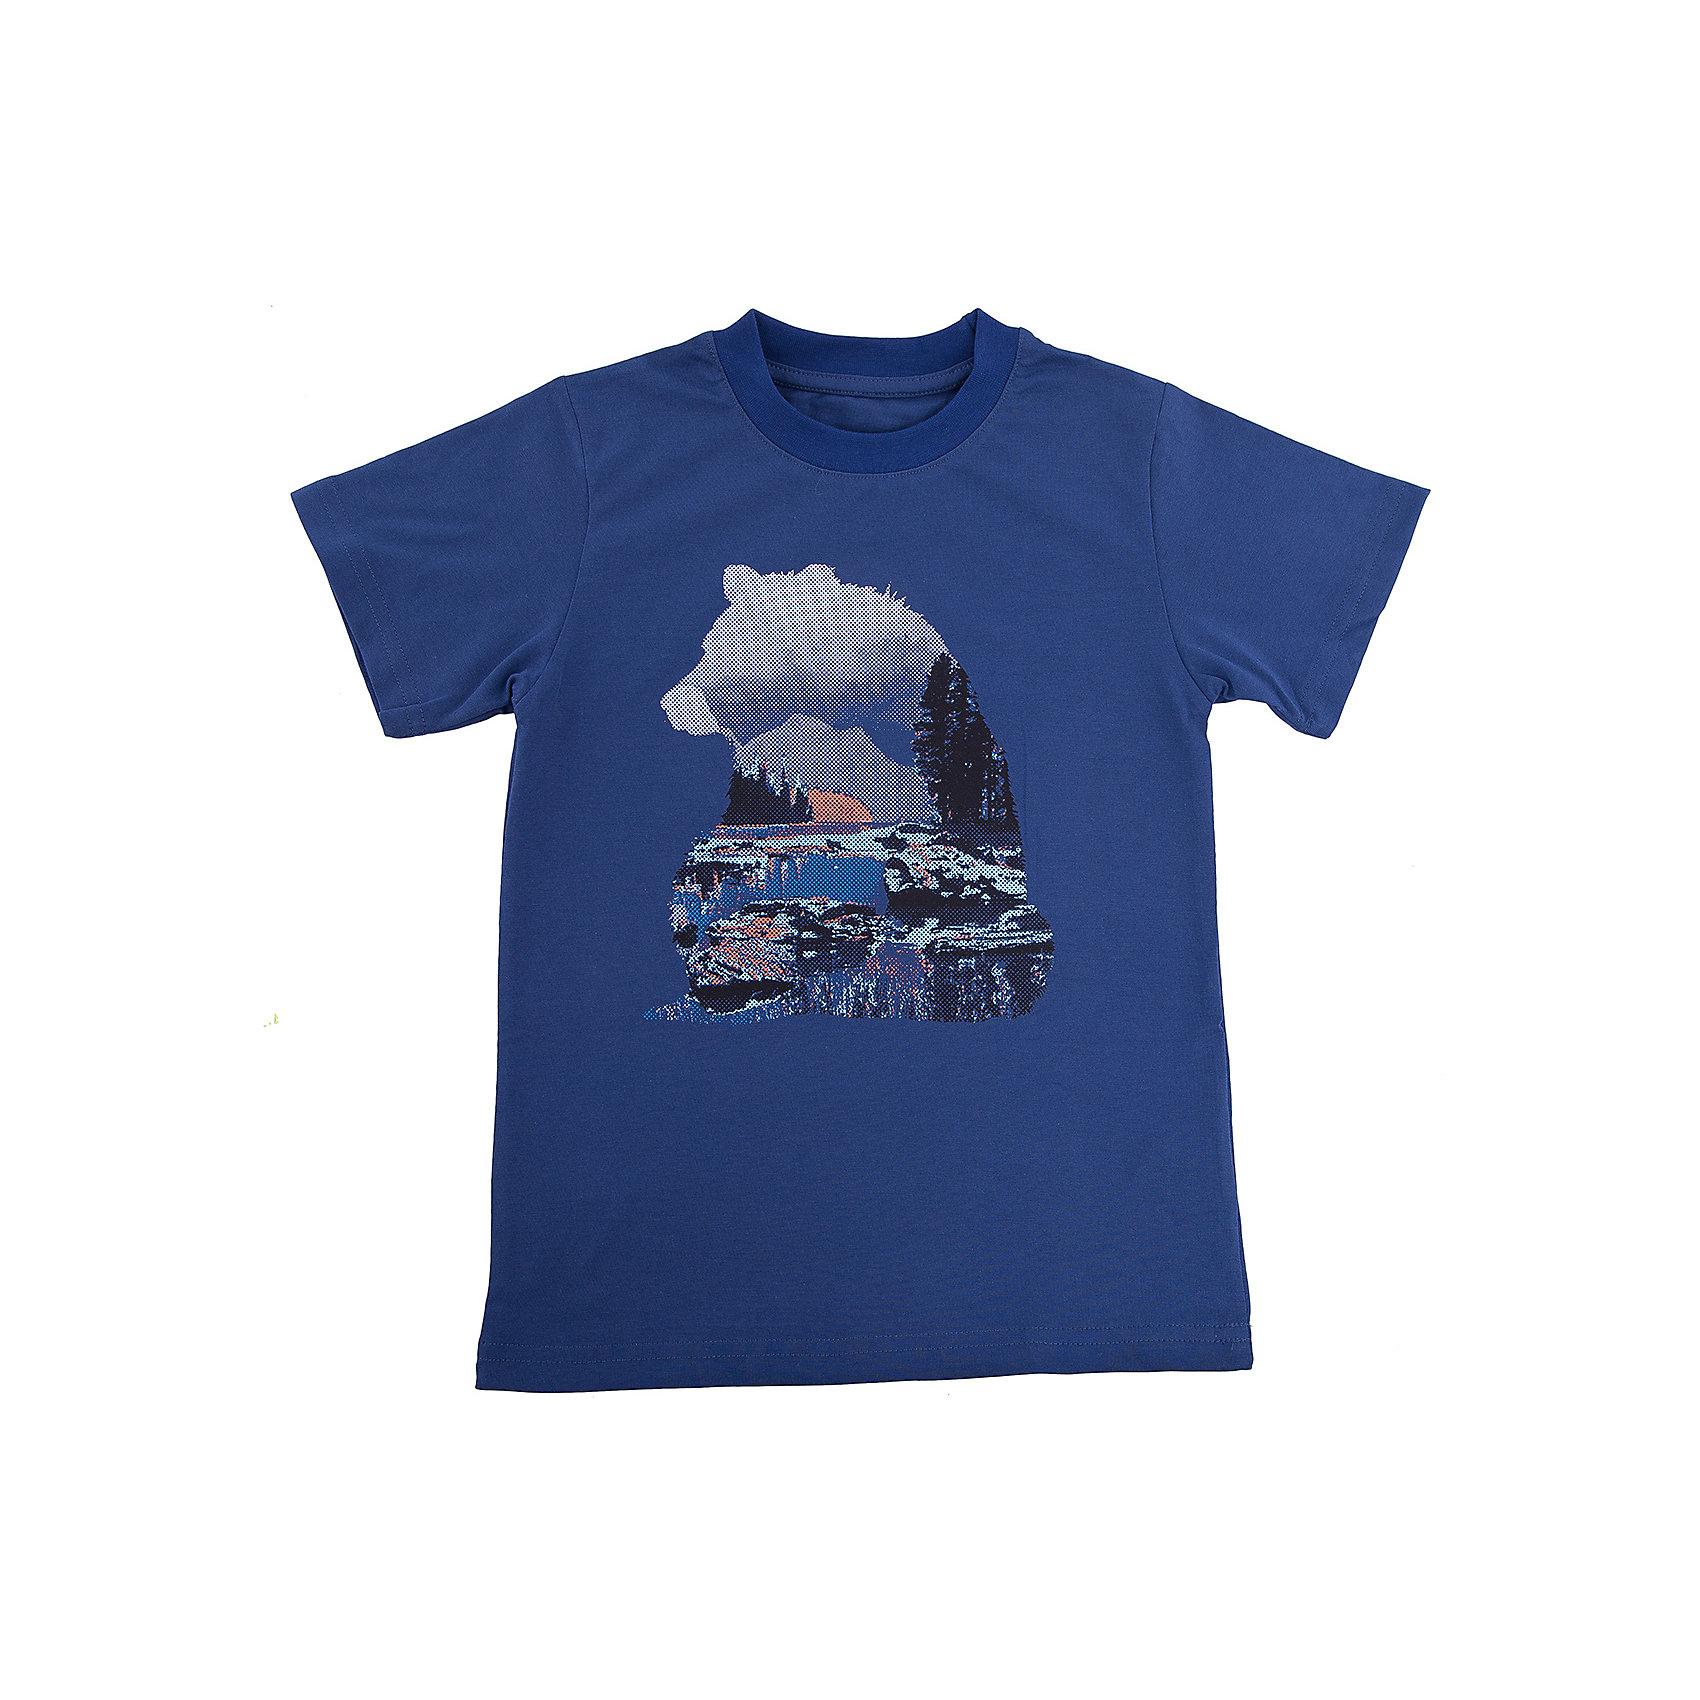 Футболка для мальчика WOWФутболки, поло и топы<br>Футболка для мальчика WOW<br>Незаменимой вещью в  гардеробе послужит футболка с коротким рукавом. Стильная и в тоже время комфортная модель, с яркой оригинальной печатью, будет превосходно смотреться на ребенке.<br>Состав:<br>кулирная гладь 100% хлопок<br><br>Ширина мм: 199<br>Глубина мм: 10<br>Высота мм: 161<br>Вес г: 151<br>Цвет: синий<br>Возраст от месяцев: 144<br>Возраст до месяцев: 156<br>Пол: Мужской<br>Возраст: Детский<br>Размер: 158,128,134,140,146,152<br>SKU: 6871708